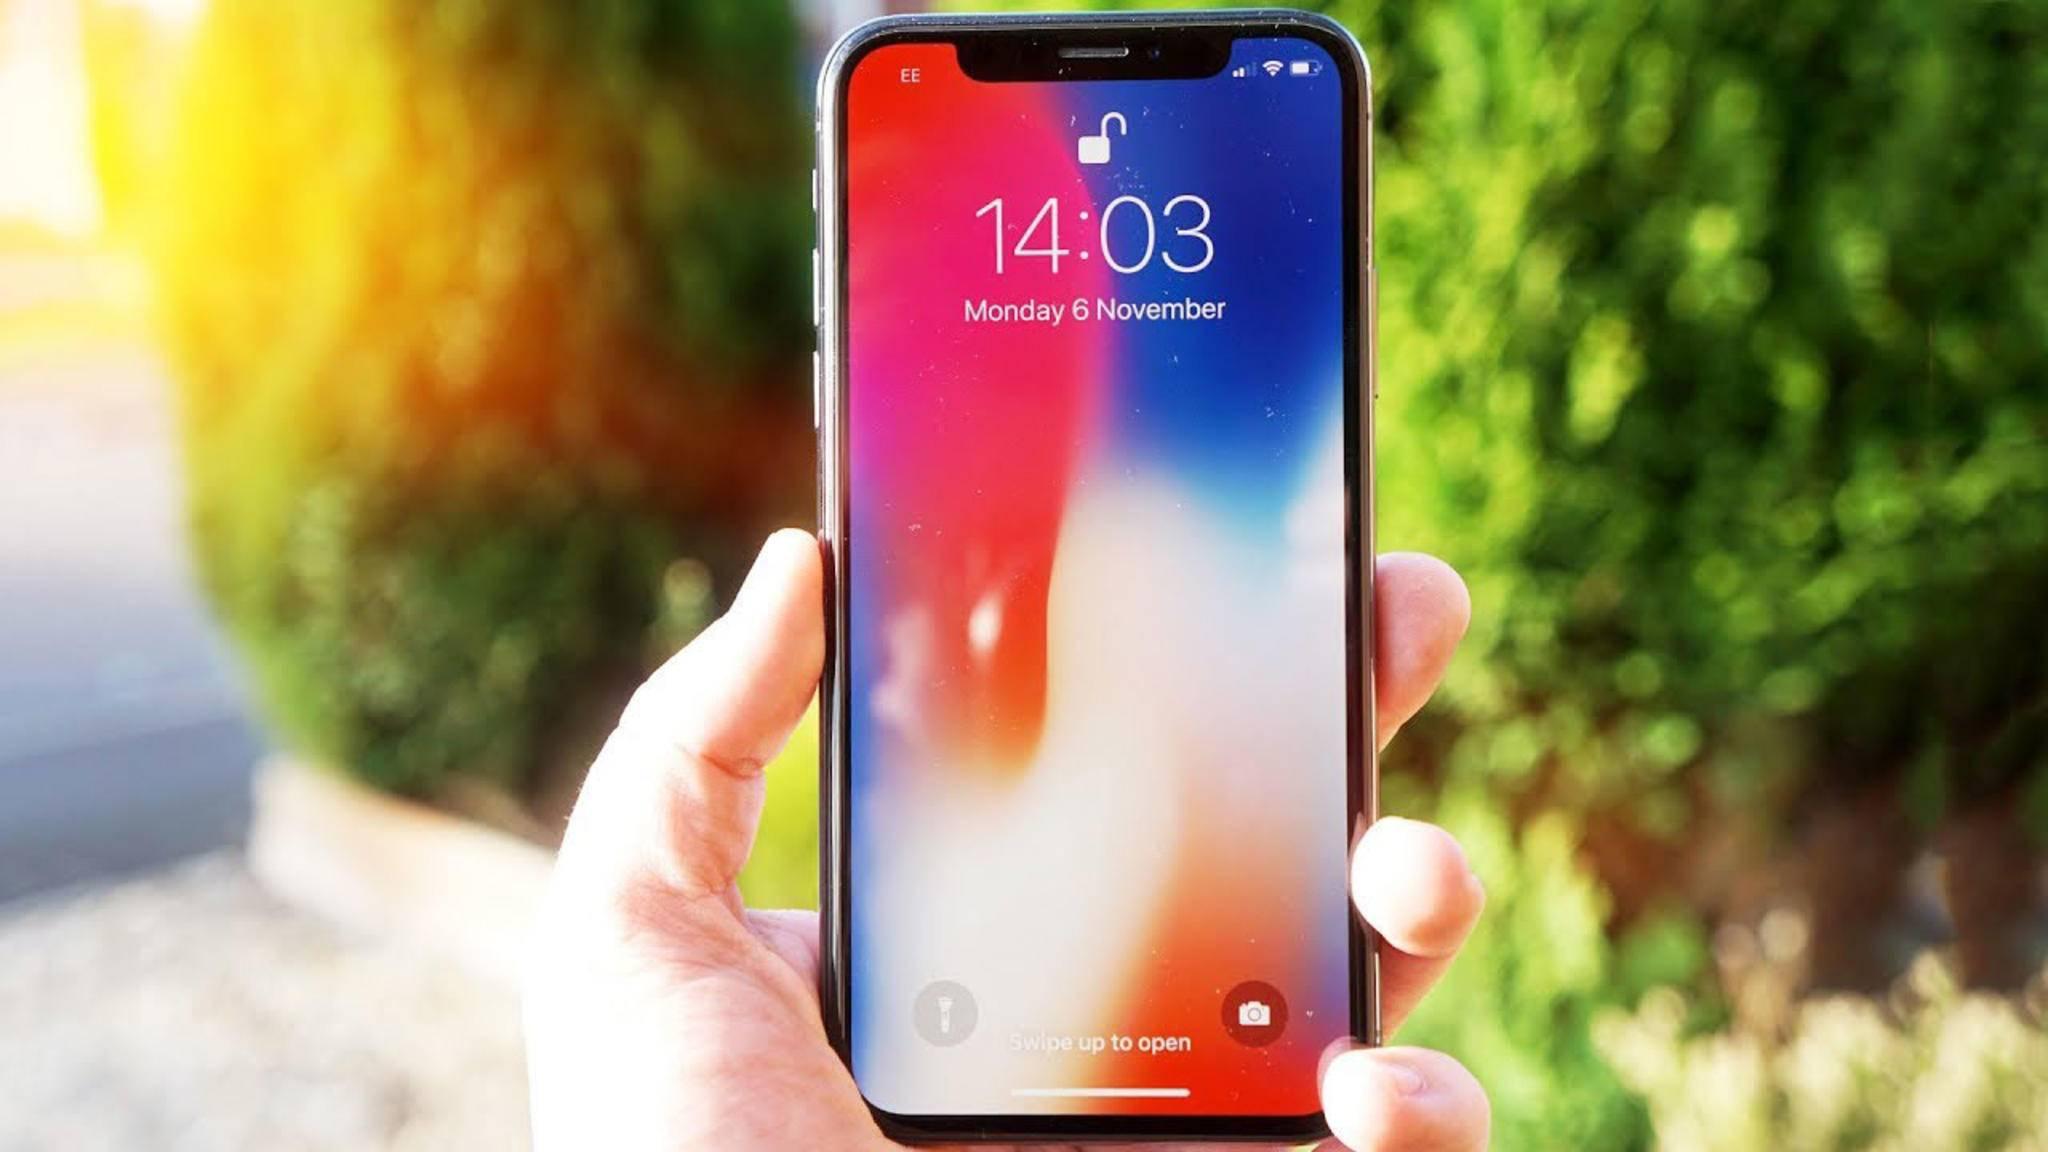 Der Touchscreen bleibt bei eingehenden Anrufen auf dem iPhone X häufig mehrere Sekunden schwarz.